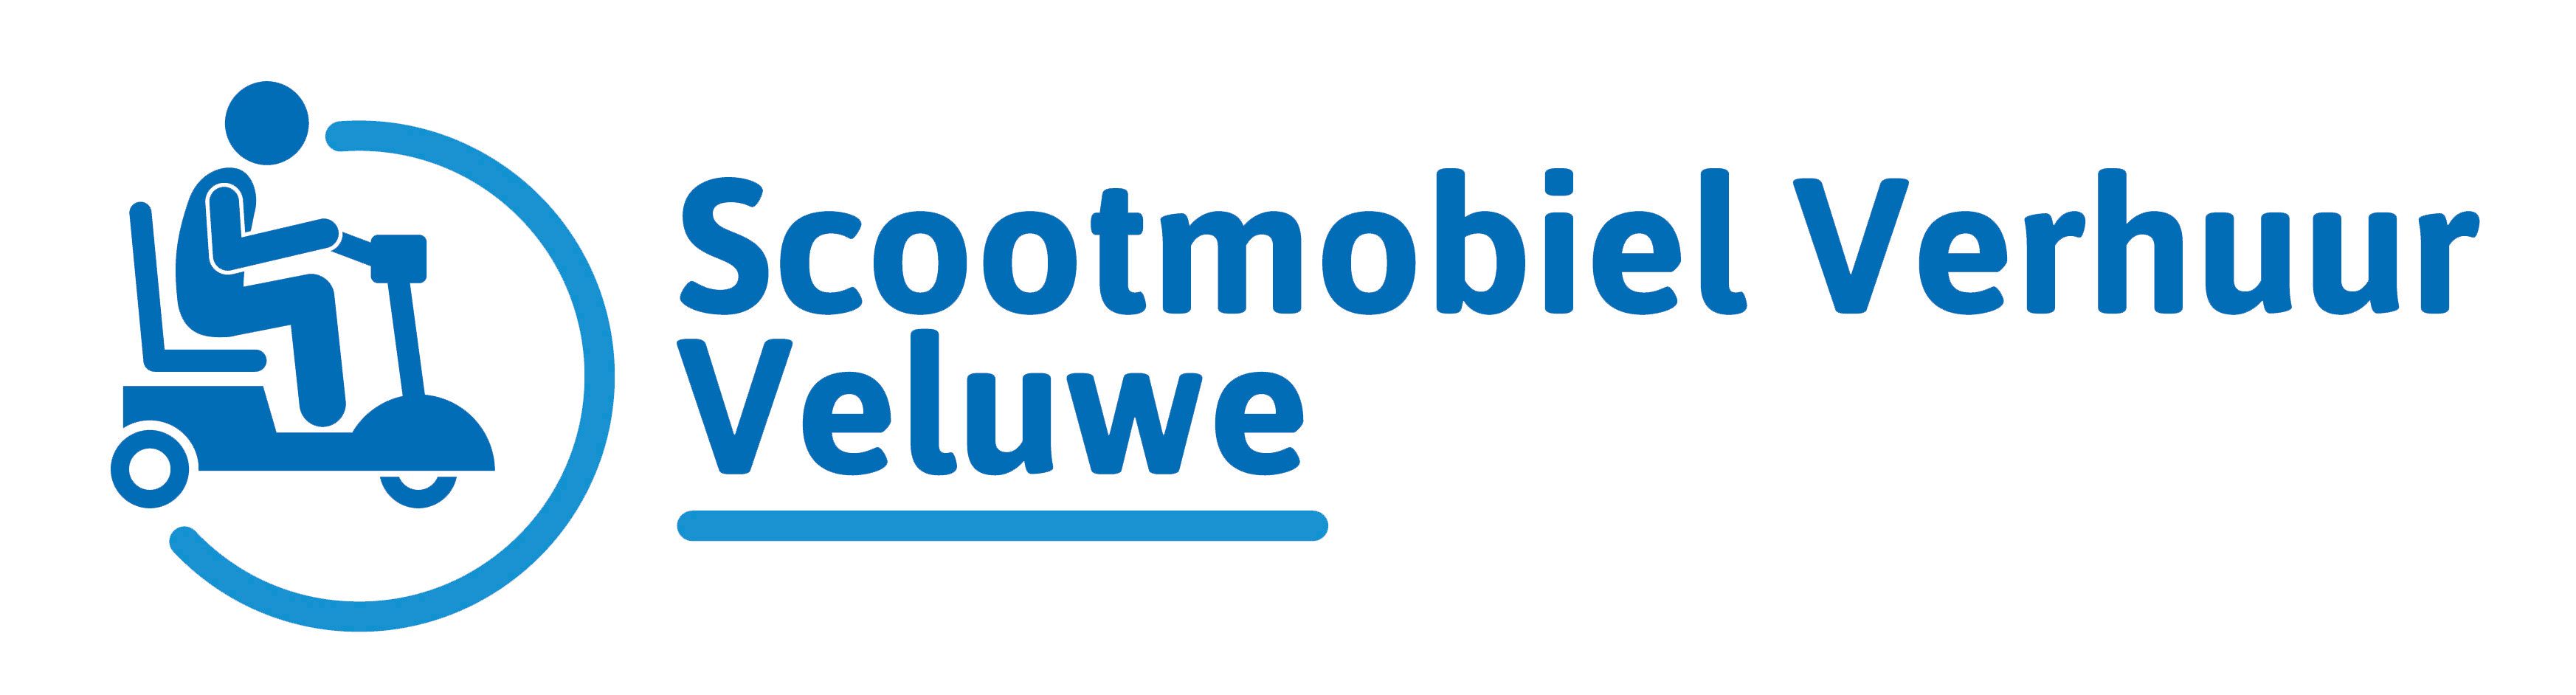 Scootmobiel Verhuur Veluwe Logo